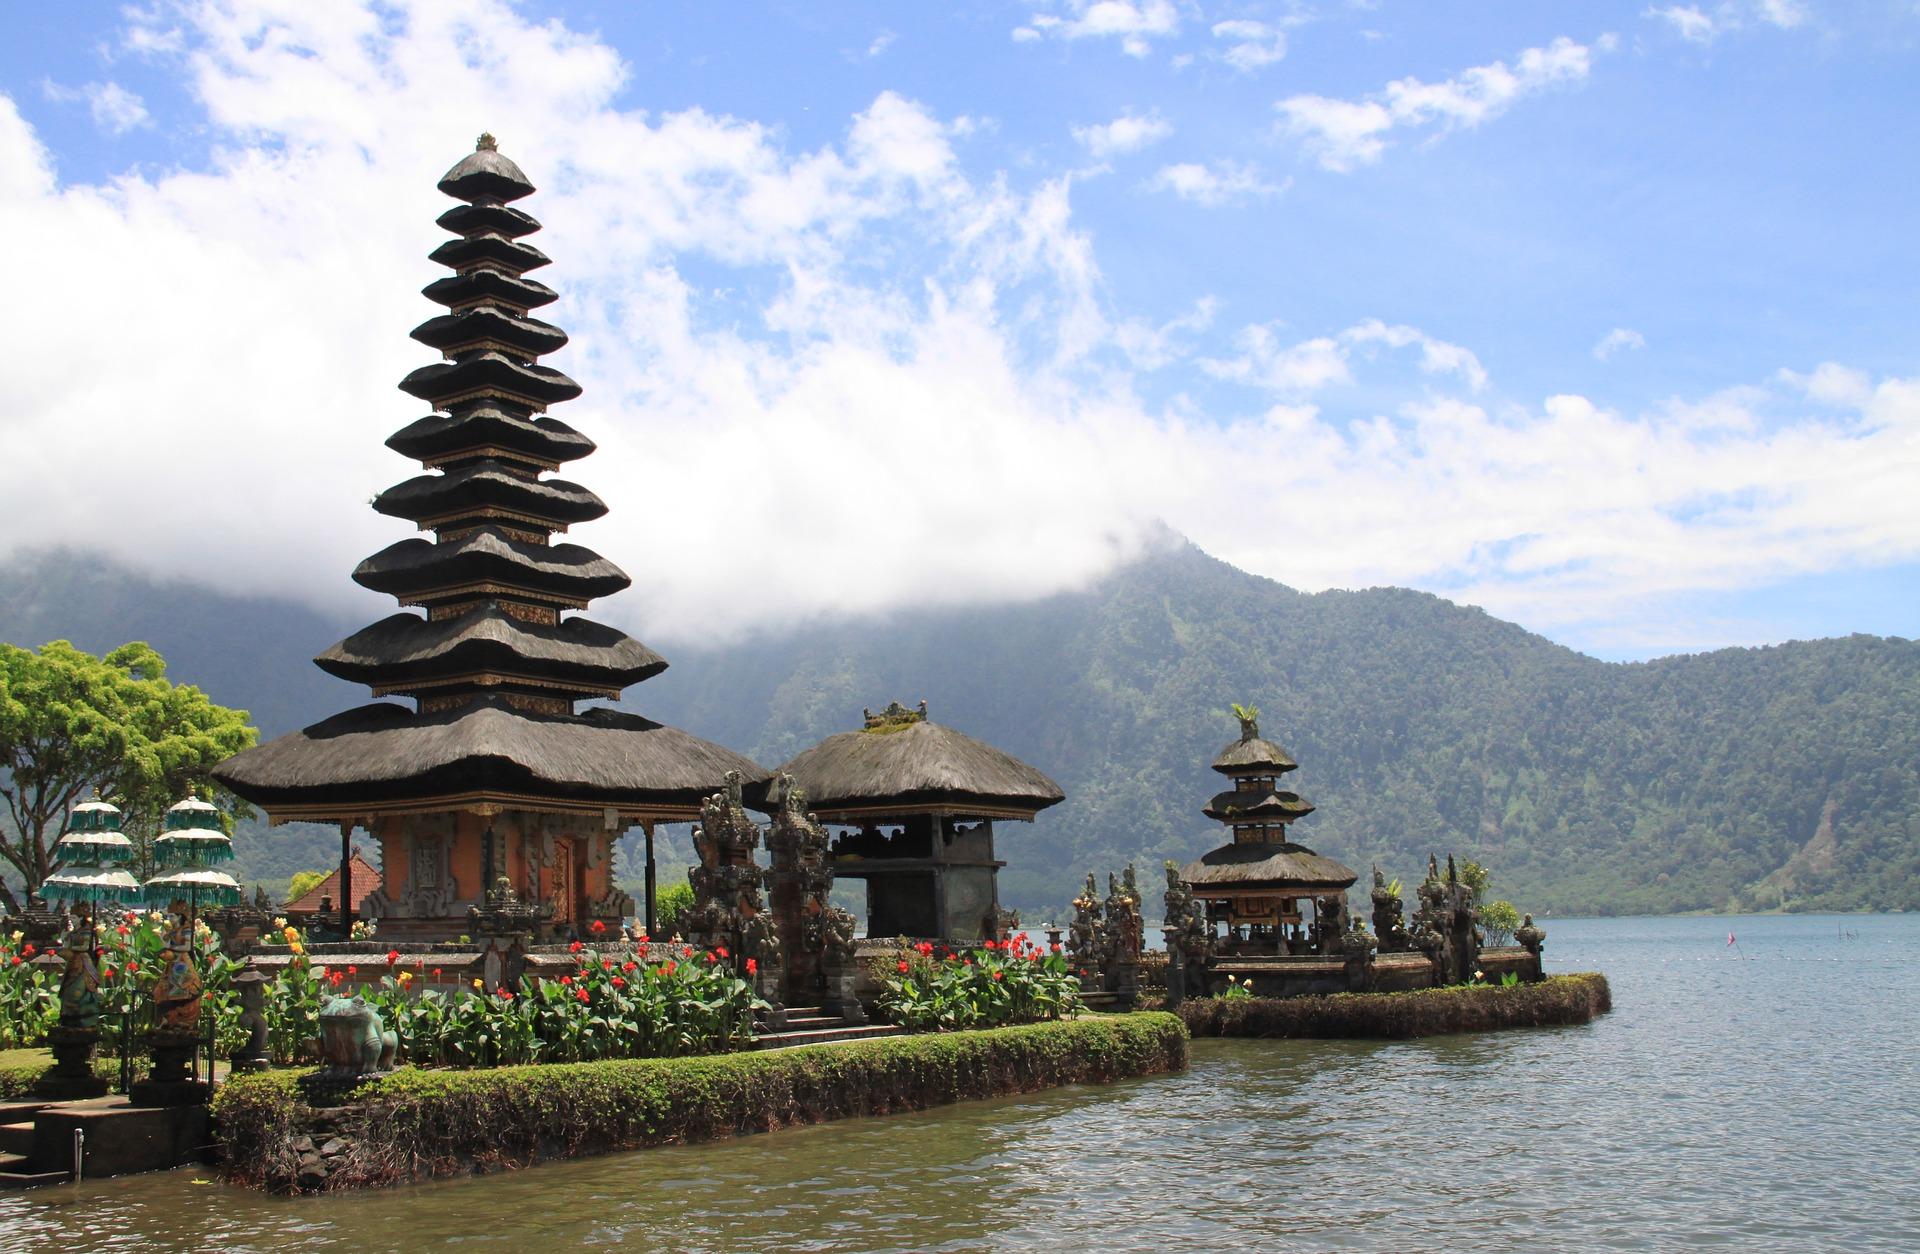 Typisch Bali: Pagoden im Wasser